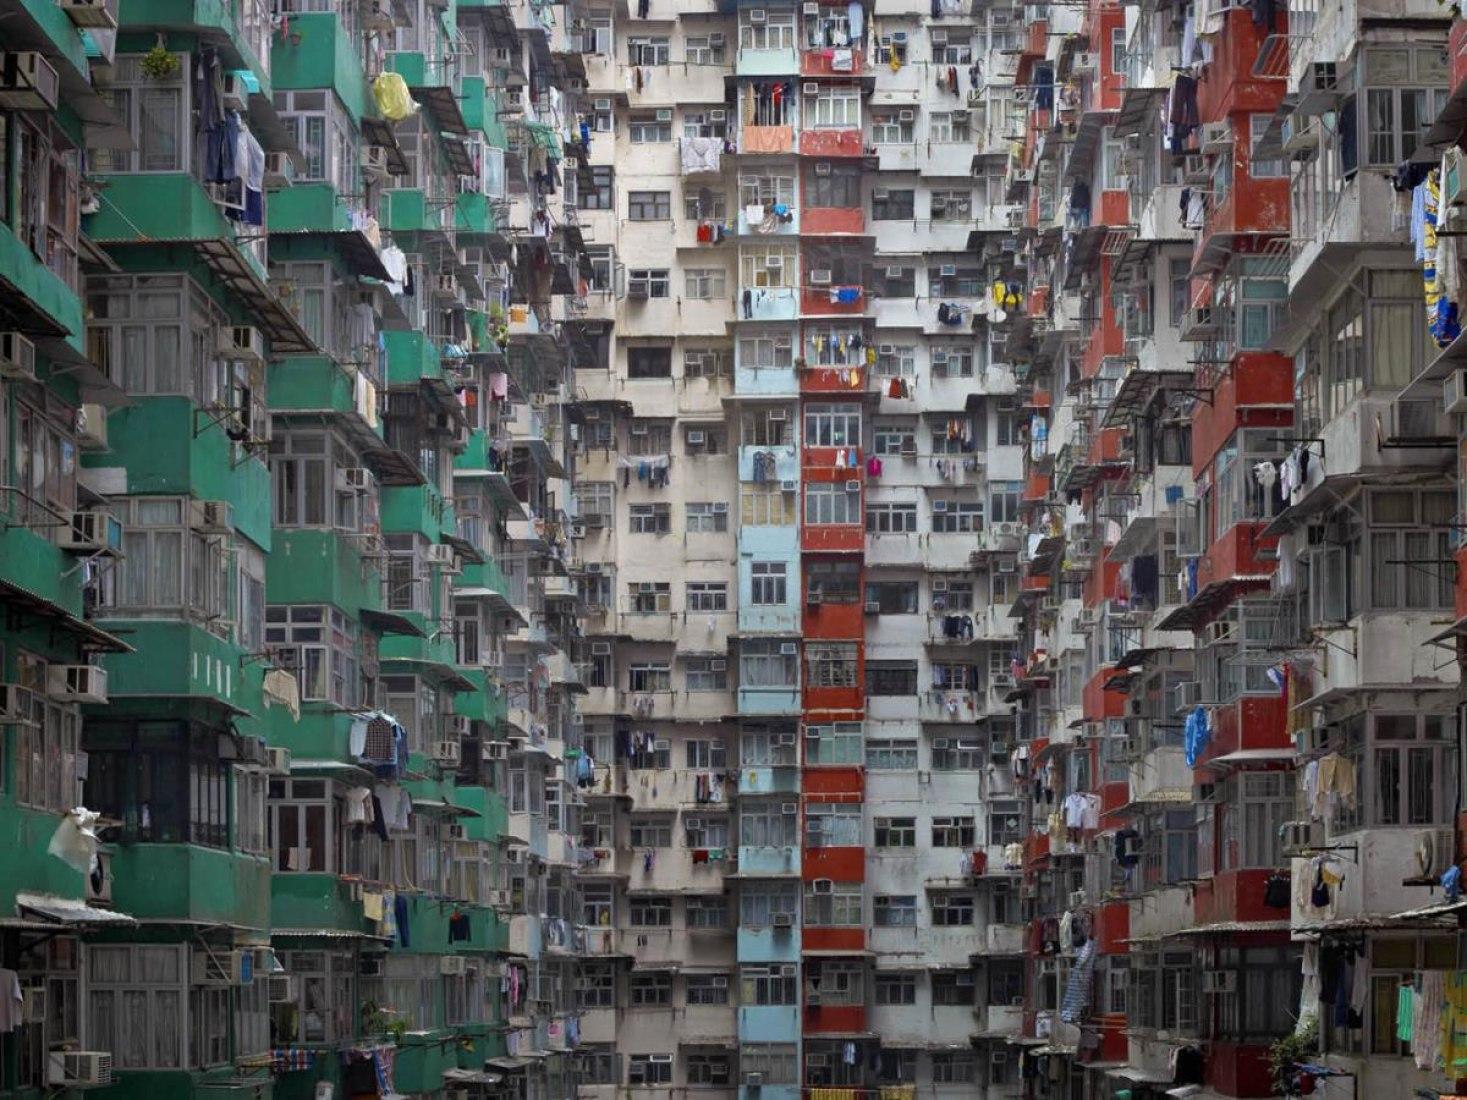 'Architecture of Density #119', 2009. Las imágenes se centran en la implacable uniformidad de las fachadas de la ciudad. Cortesía de Flowers Gallery © Michael Wolf.